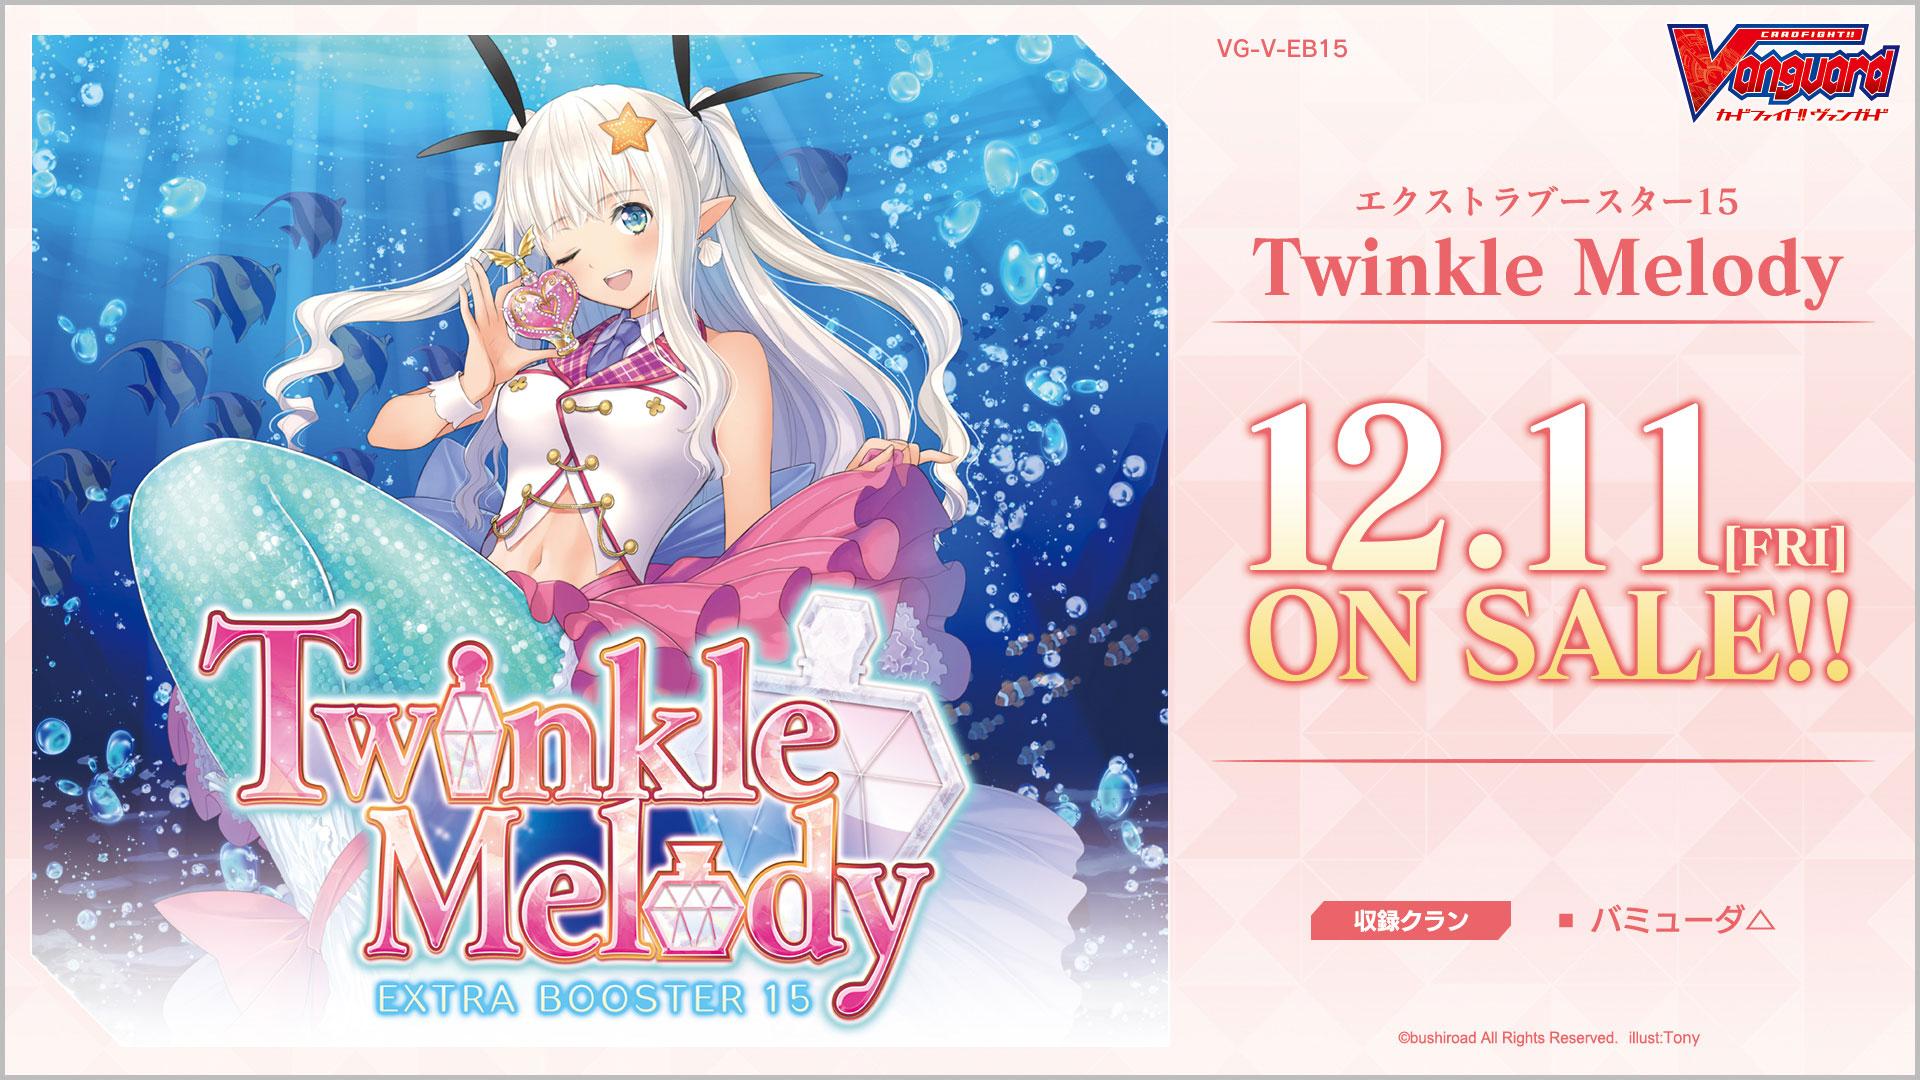 Twinkle Melody